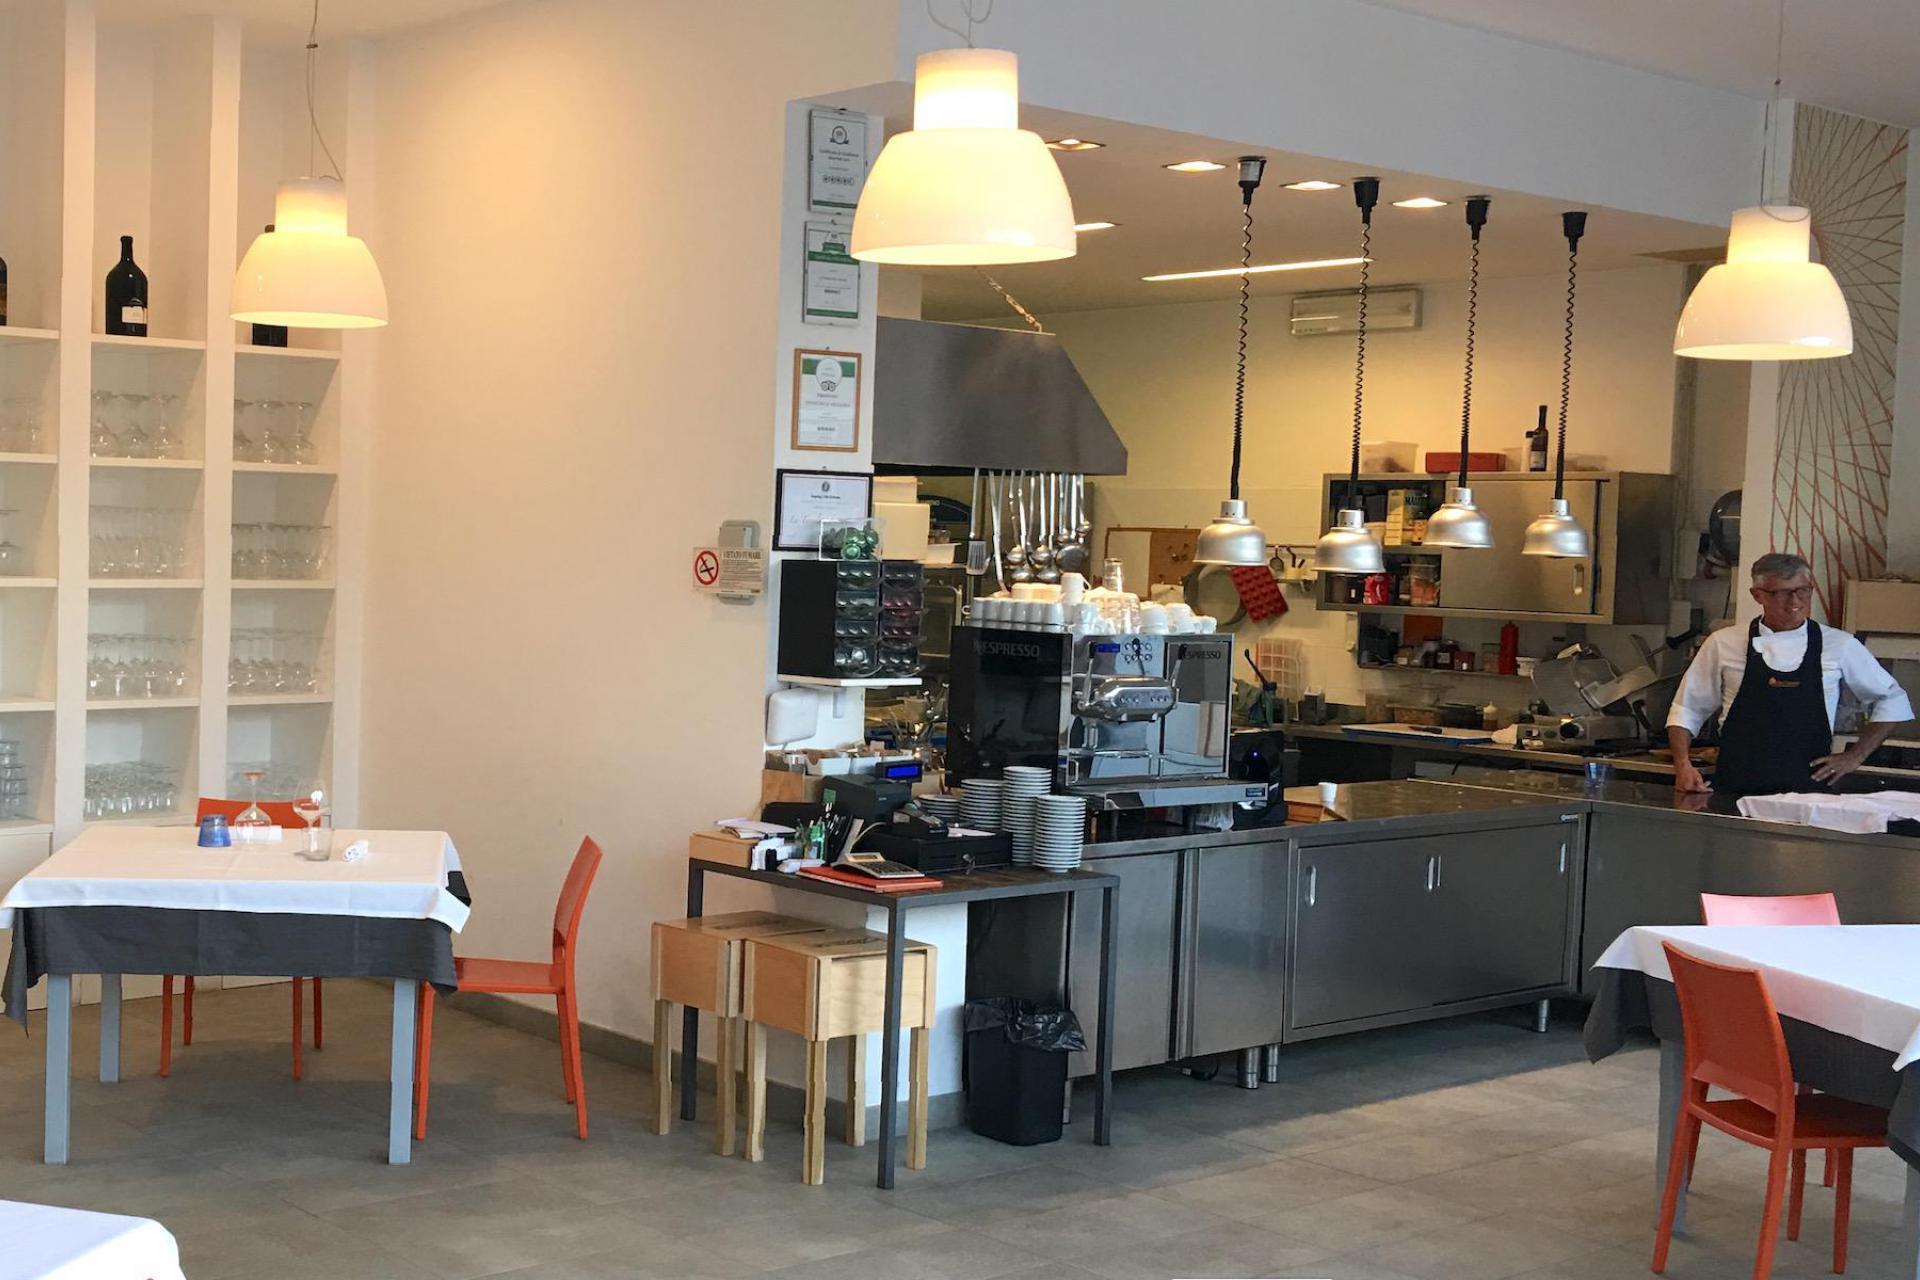 Agriturismo Marken Agriturismo Marken mit Restaurant und im Olivenhain